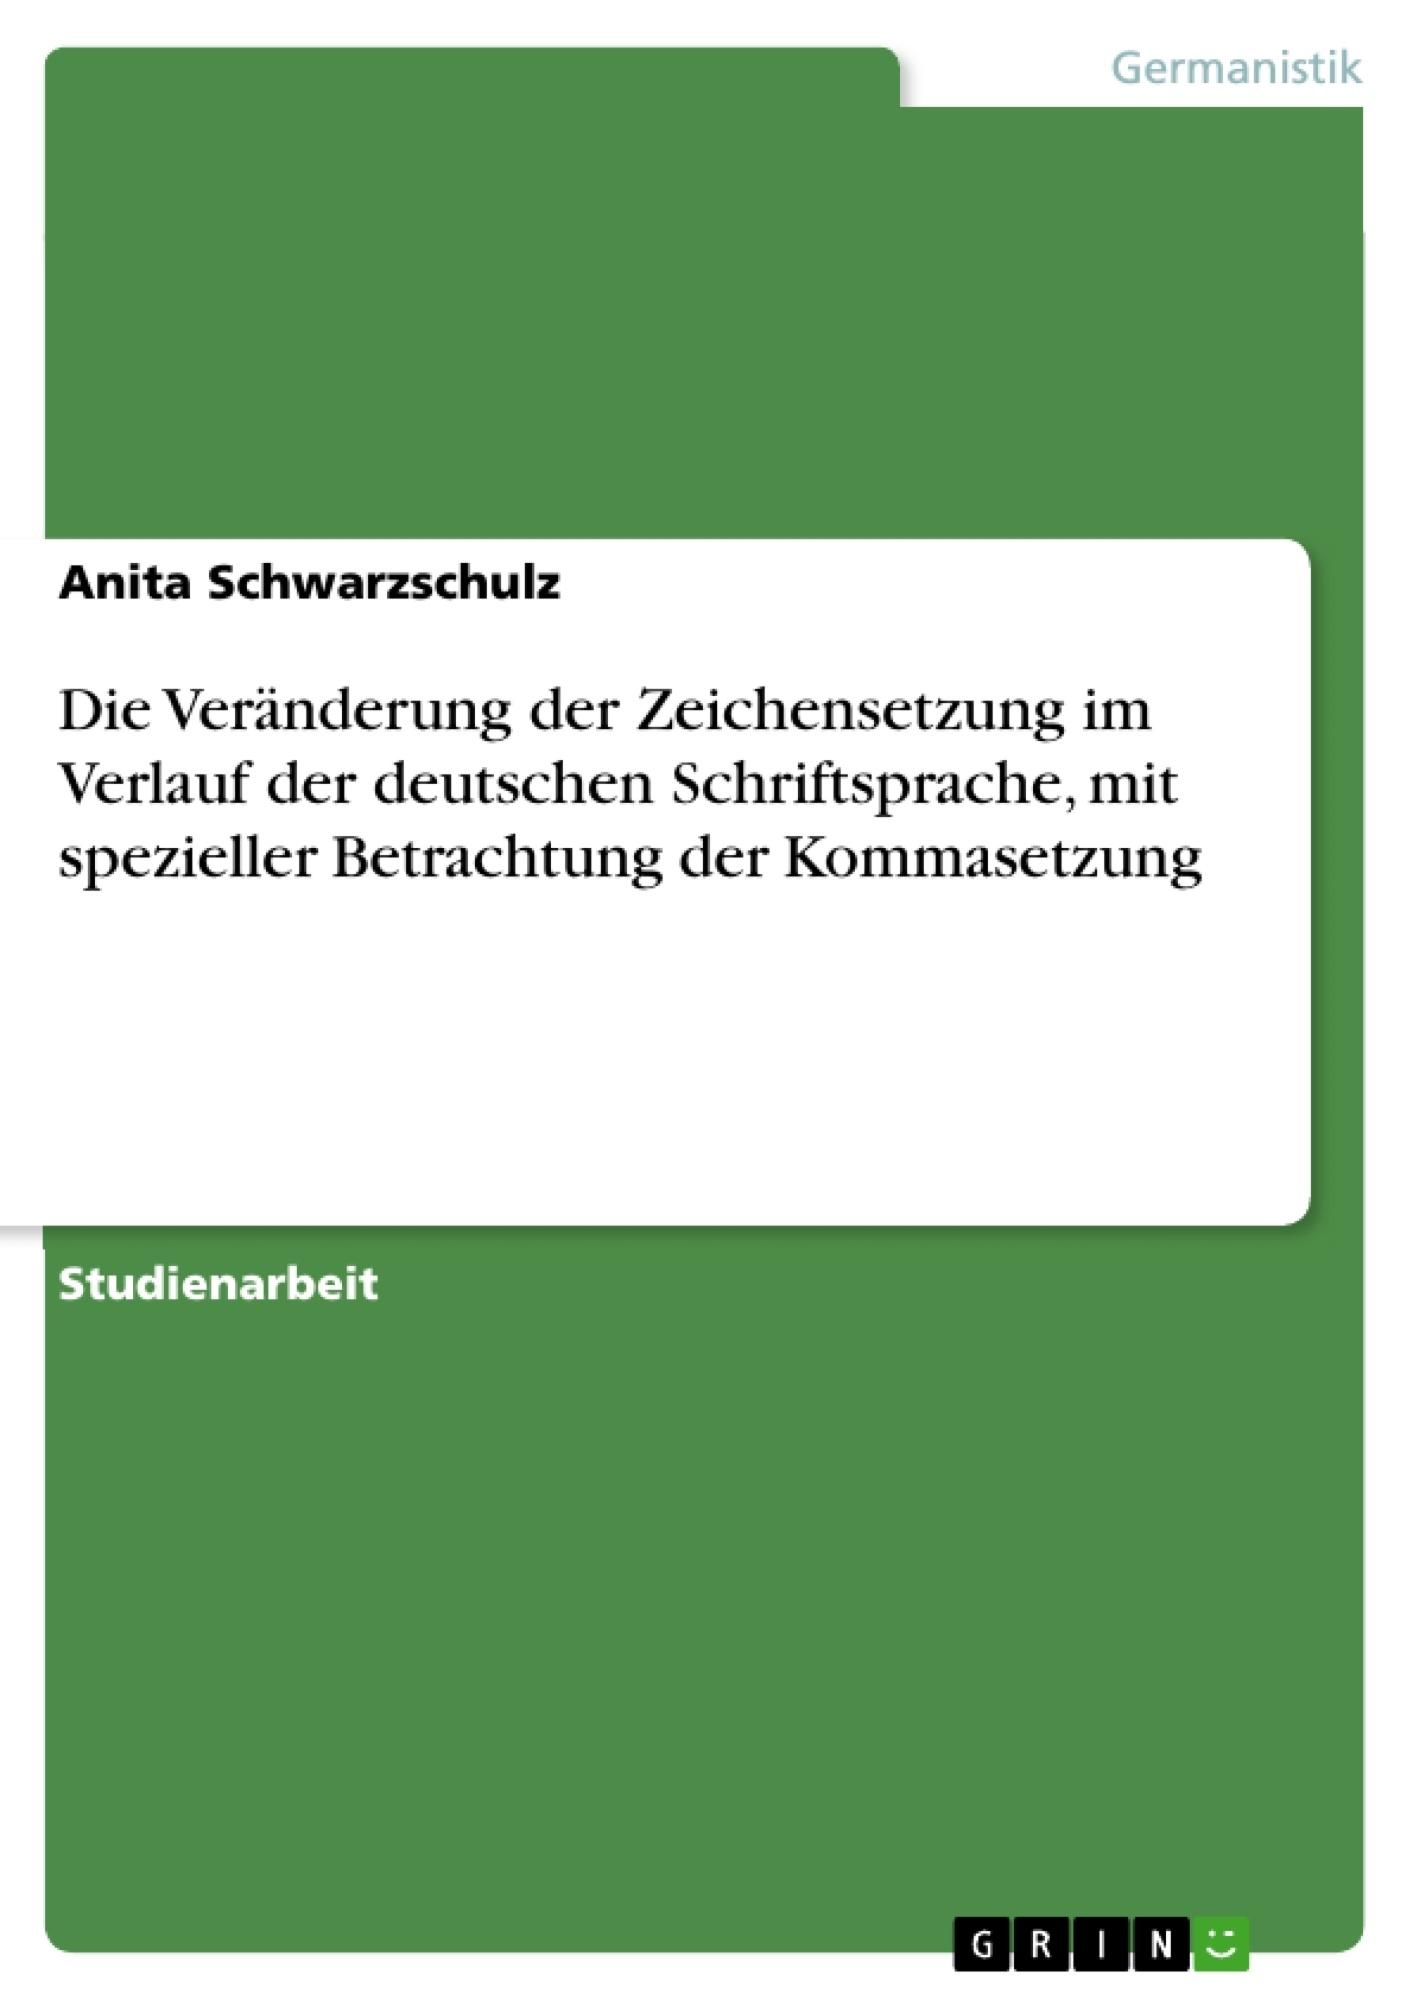 Titel: Die Veränderung der Zeichensetzung im Verlauf der deutschen Schriftsprache, mit spezieller Betrachtung der Kommasetzung